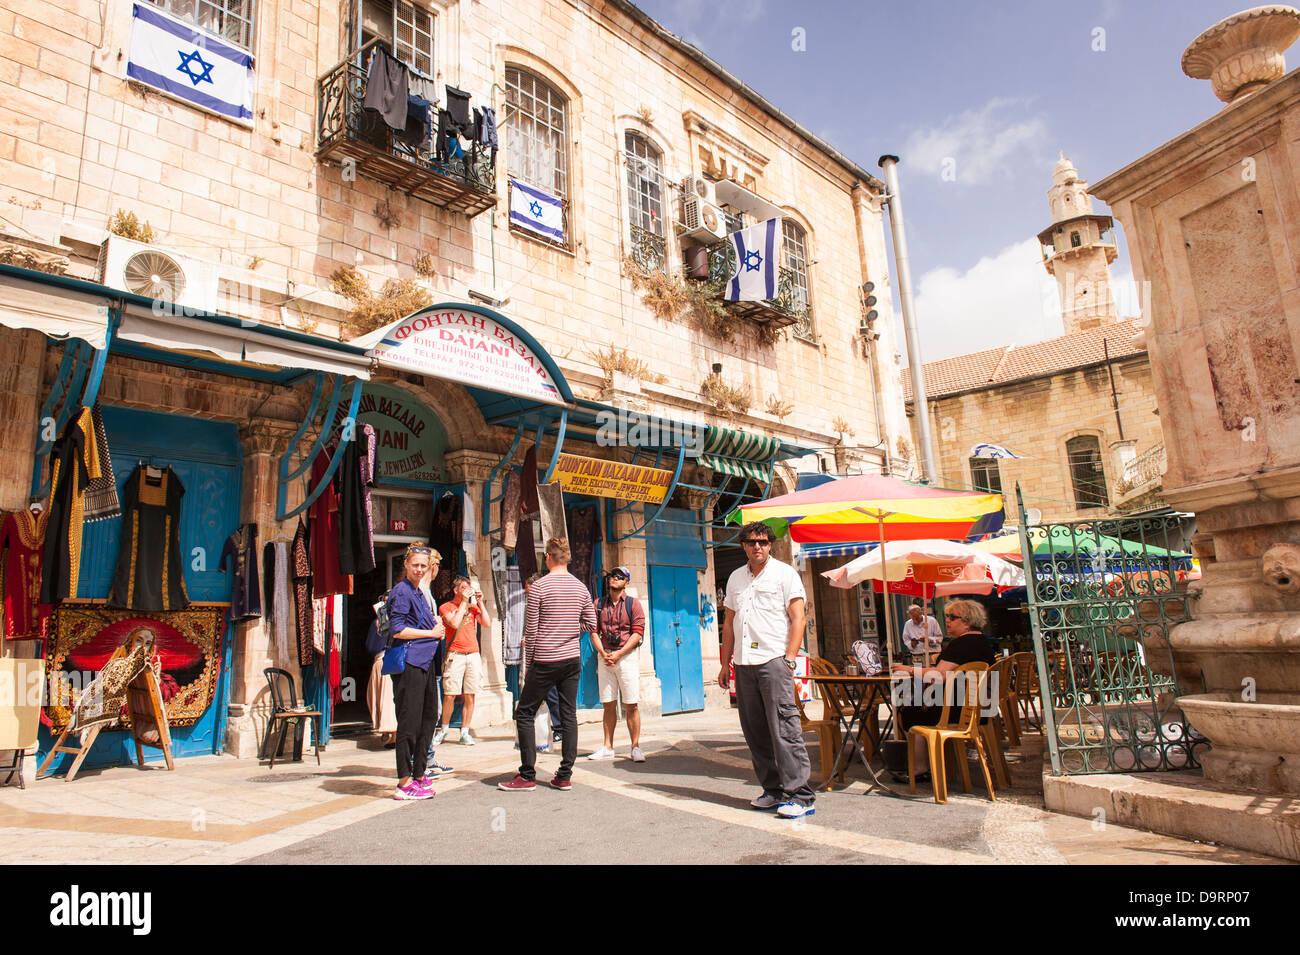 Israel Jerusalén Ciudad Vieja calle típica escena la fuente Bazar Dajani  ropa joyería tienda Imagen De 198be97a9fb